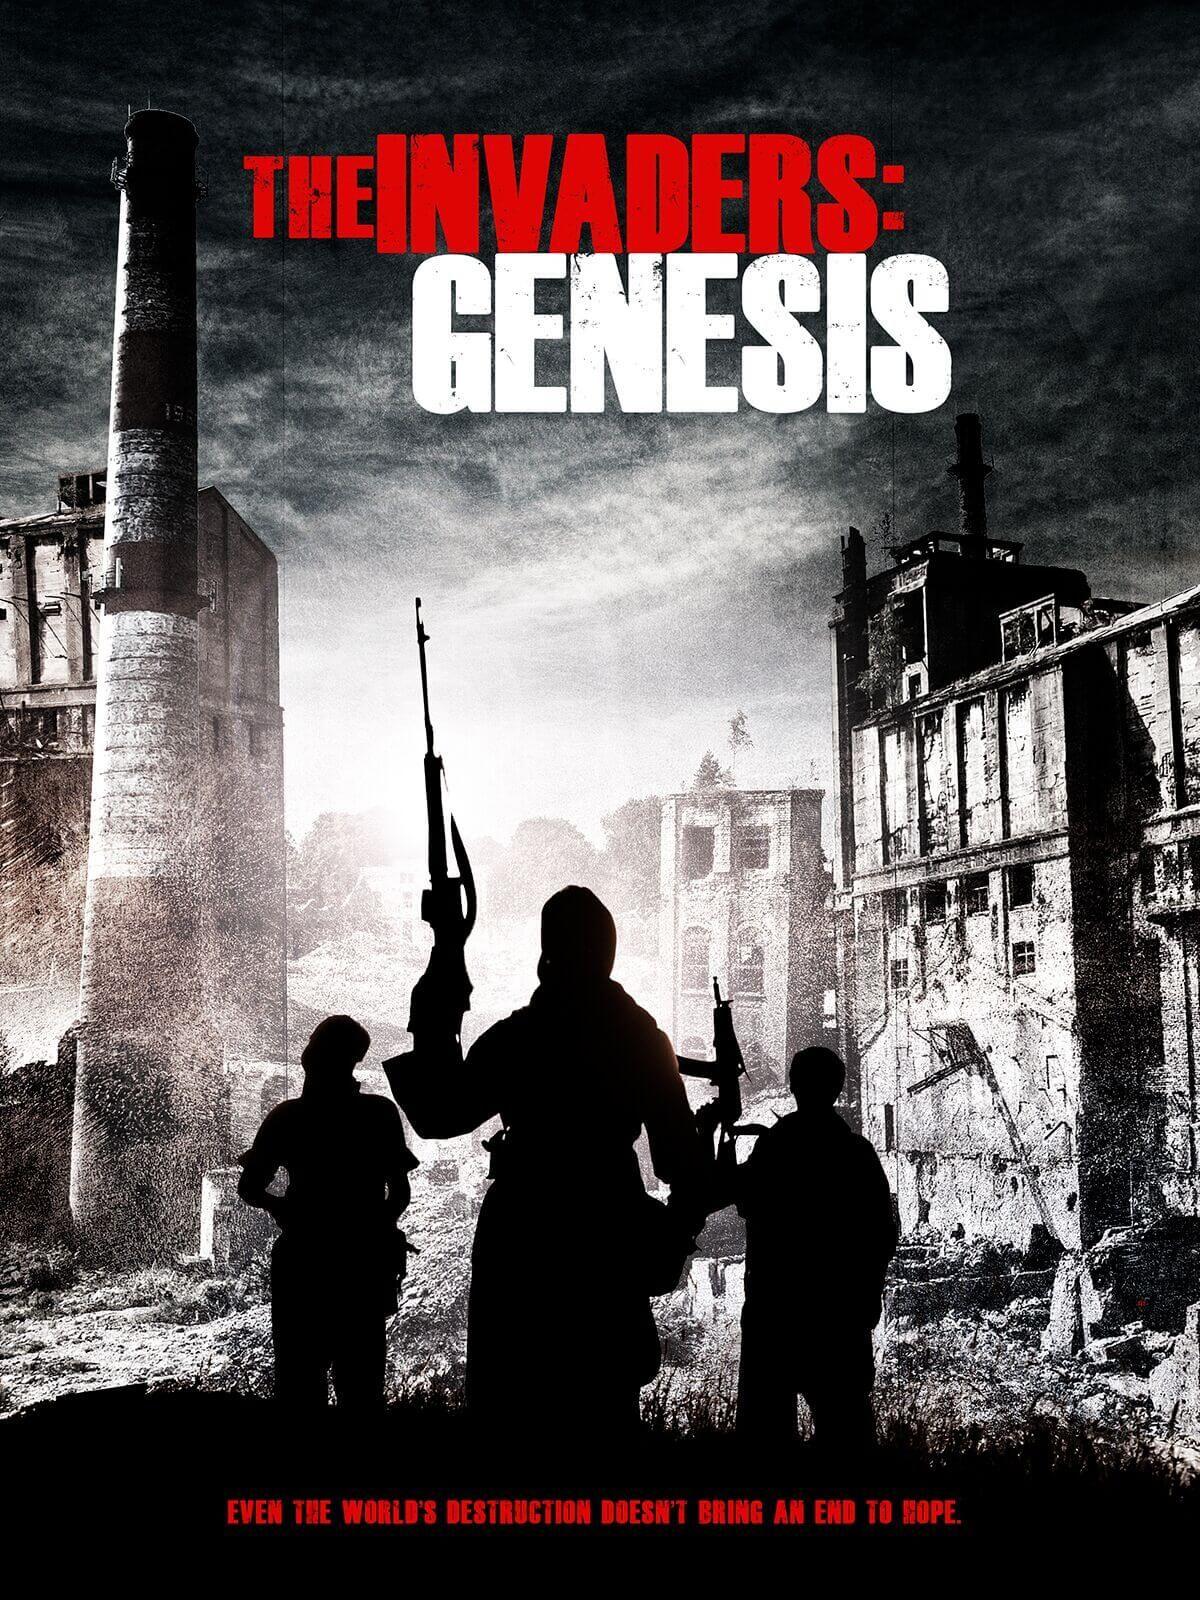 THE INVADERS GENESIS (2012) Action, Thriller Genesis